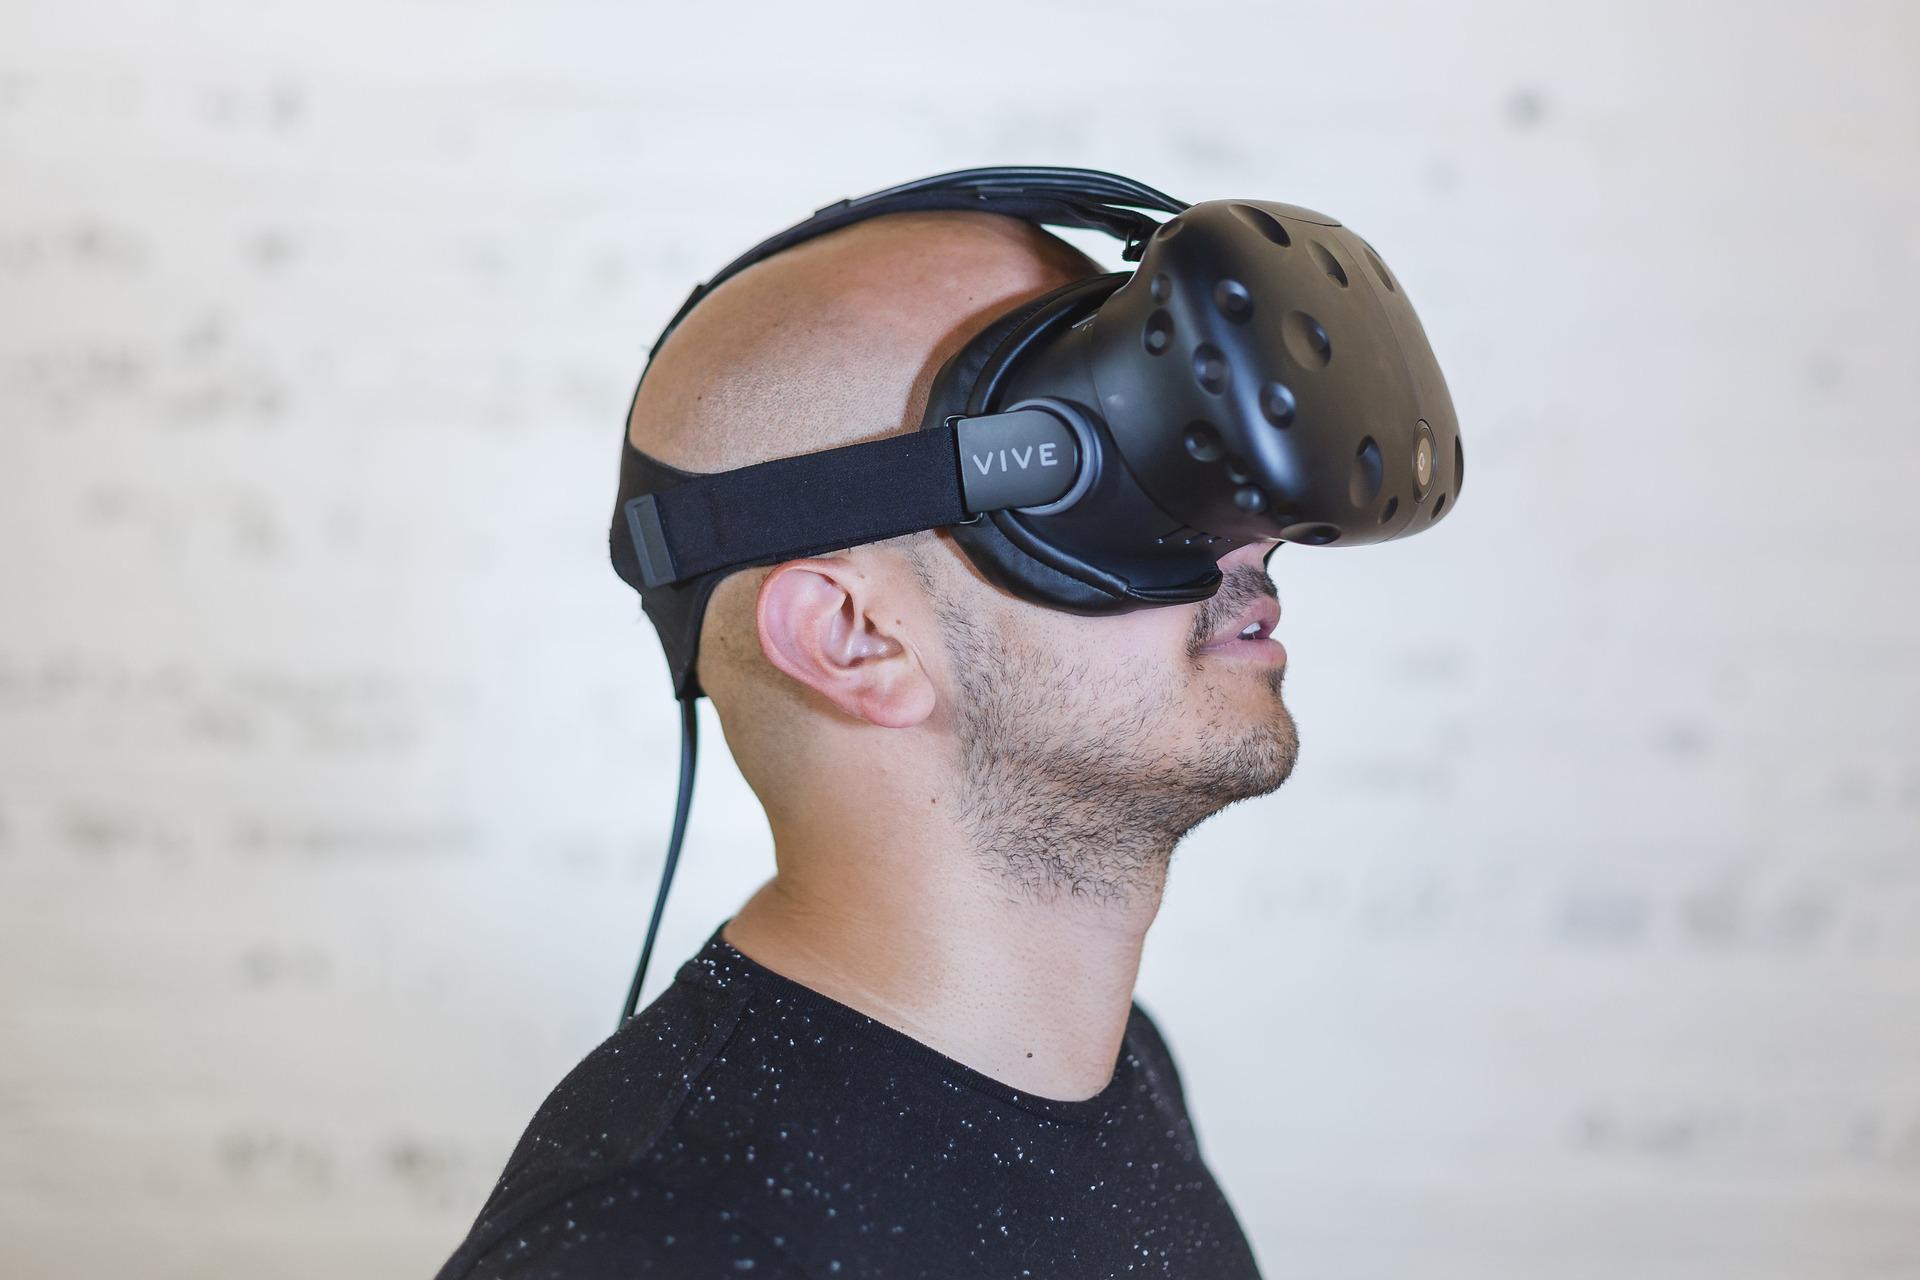 Wirtualna rzeczywistość — przyszłość cywilizacji czy filmowe mrzonki?